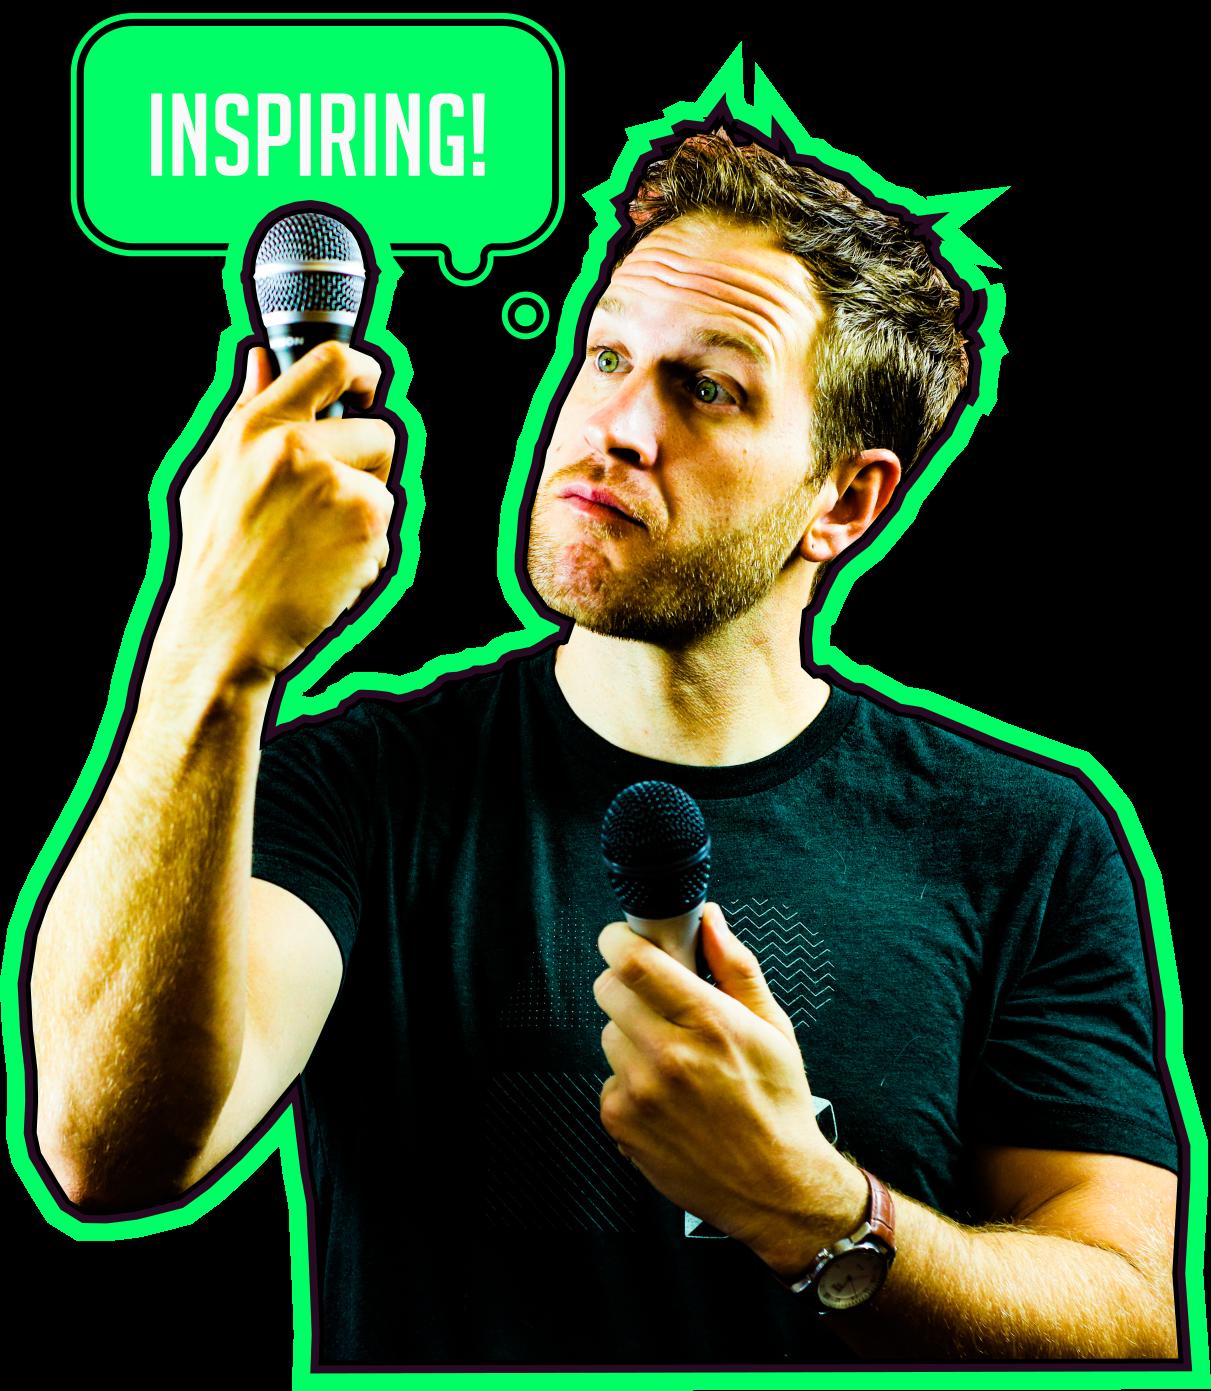 inspiring- Justin Young - Mad Moguls